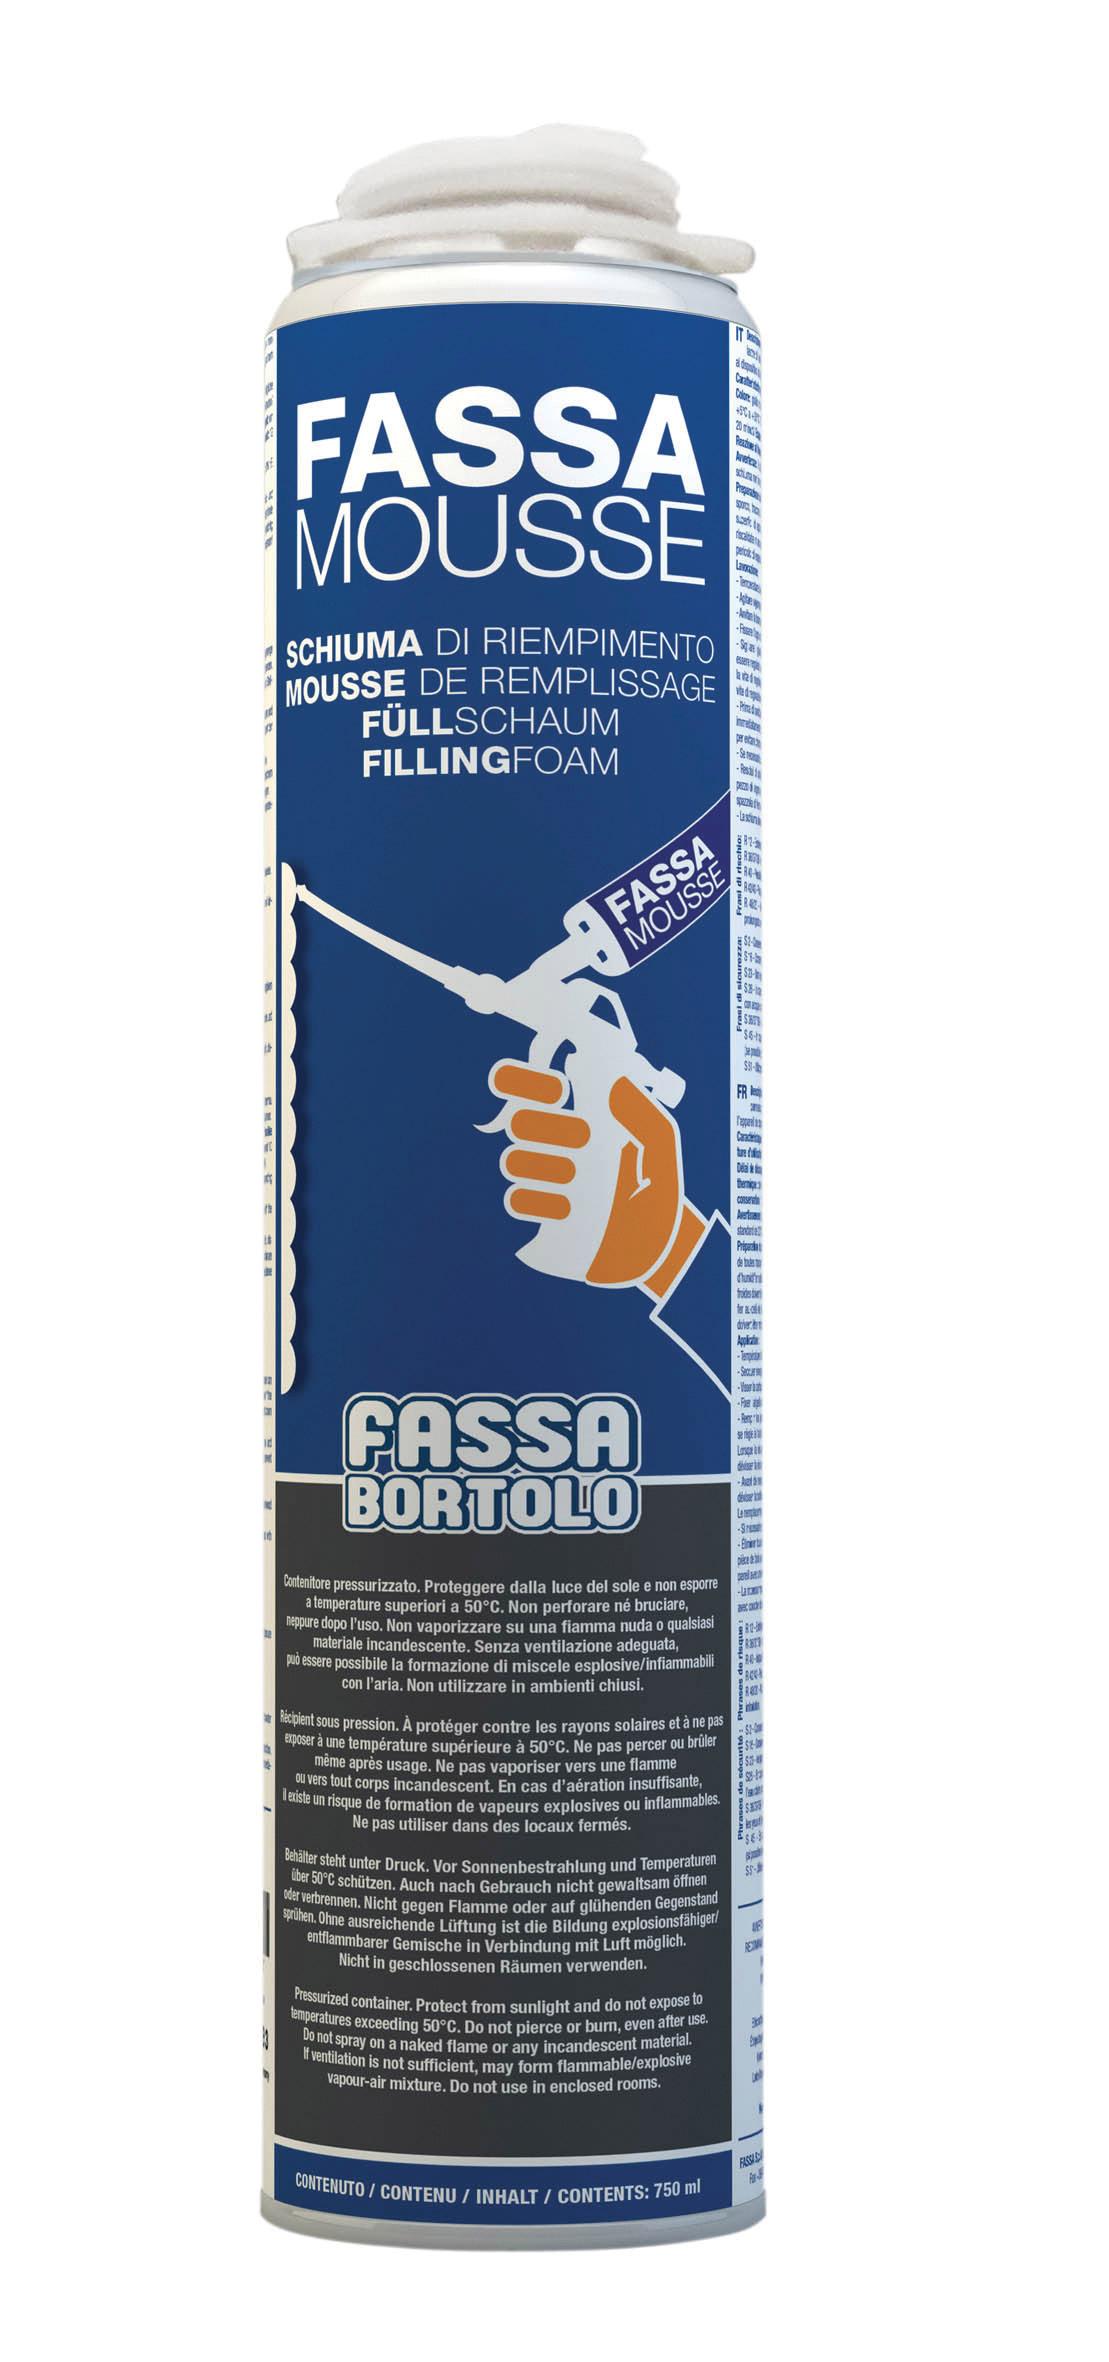 FASSA MOUSSE: Espuma para selagem de juntas (0-4 mm) entre placas de isolamento térmico